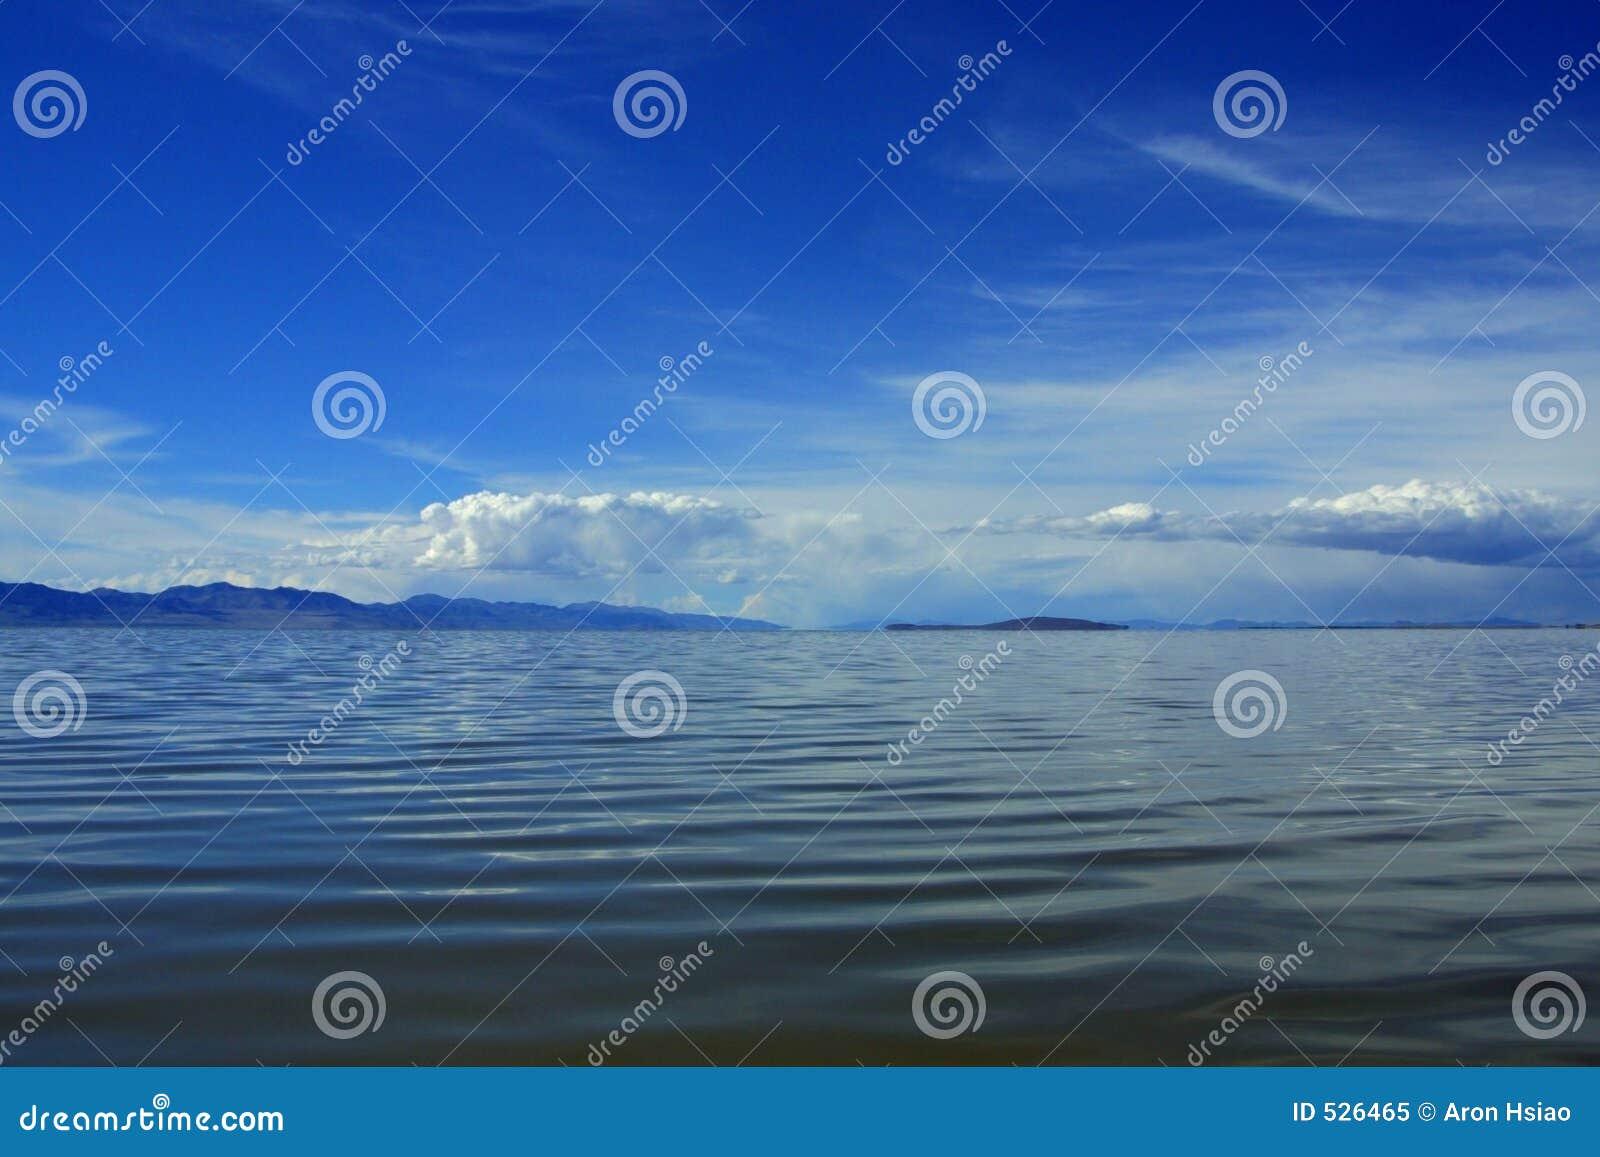 Nuvens, céu, água, e montanhas